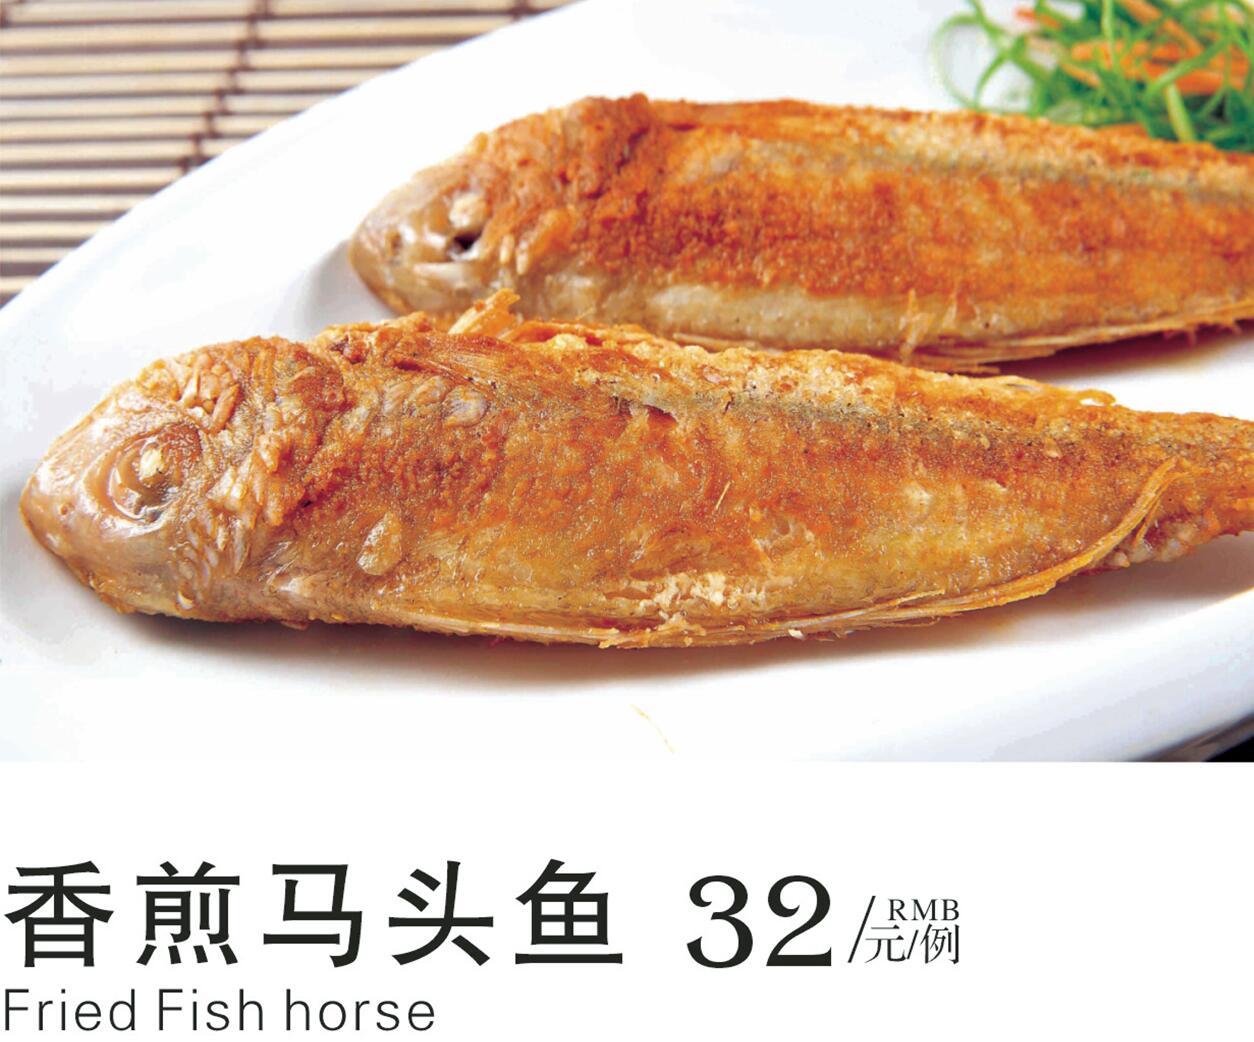 香煎马头鱼